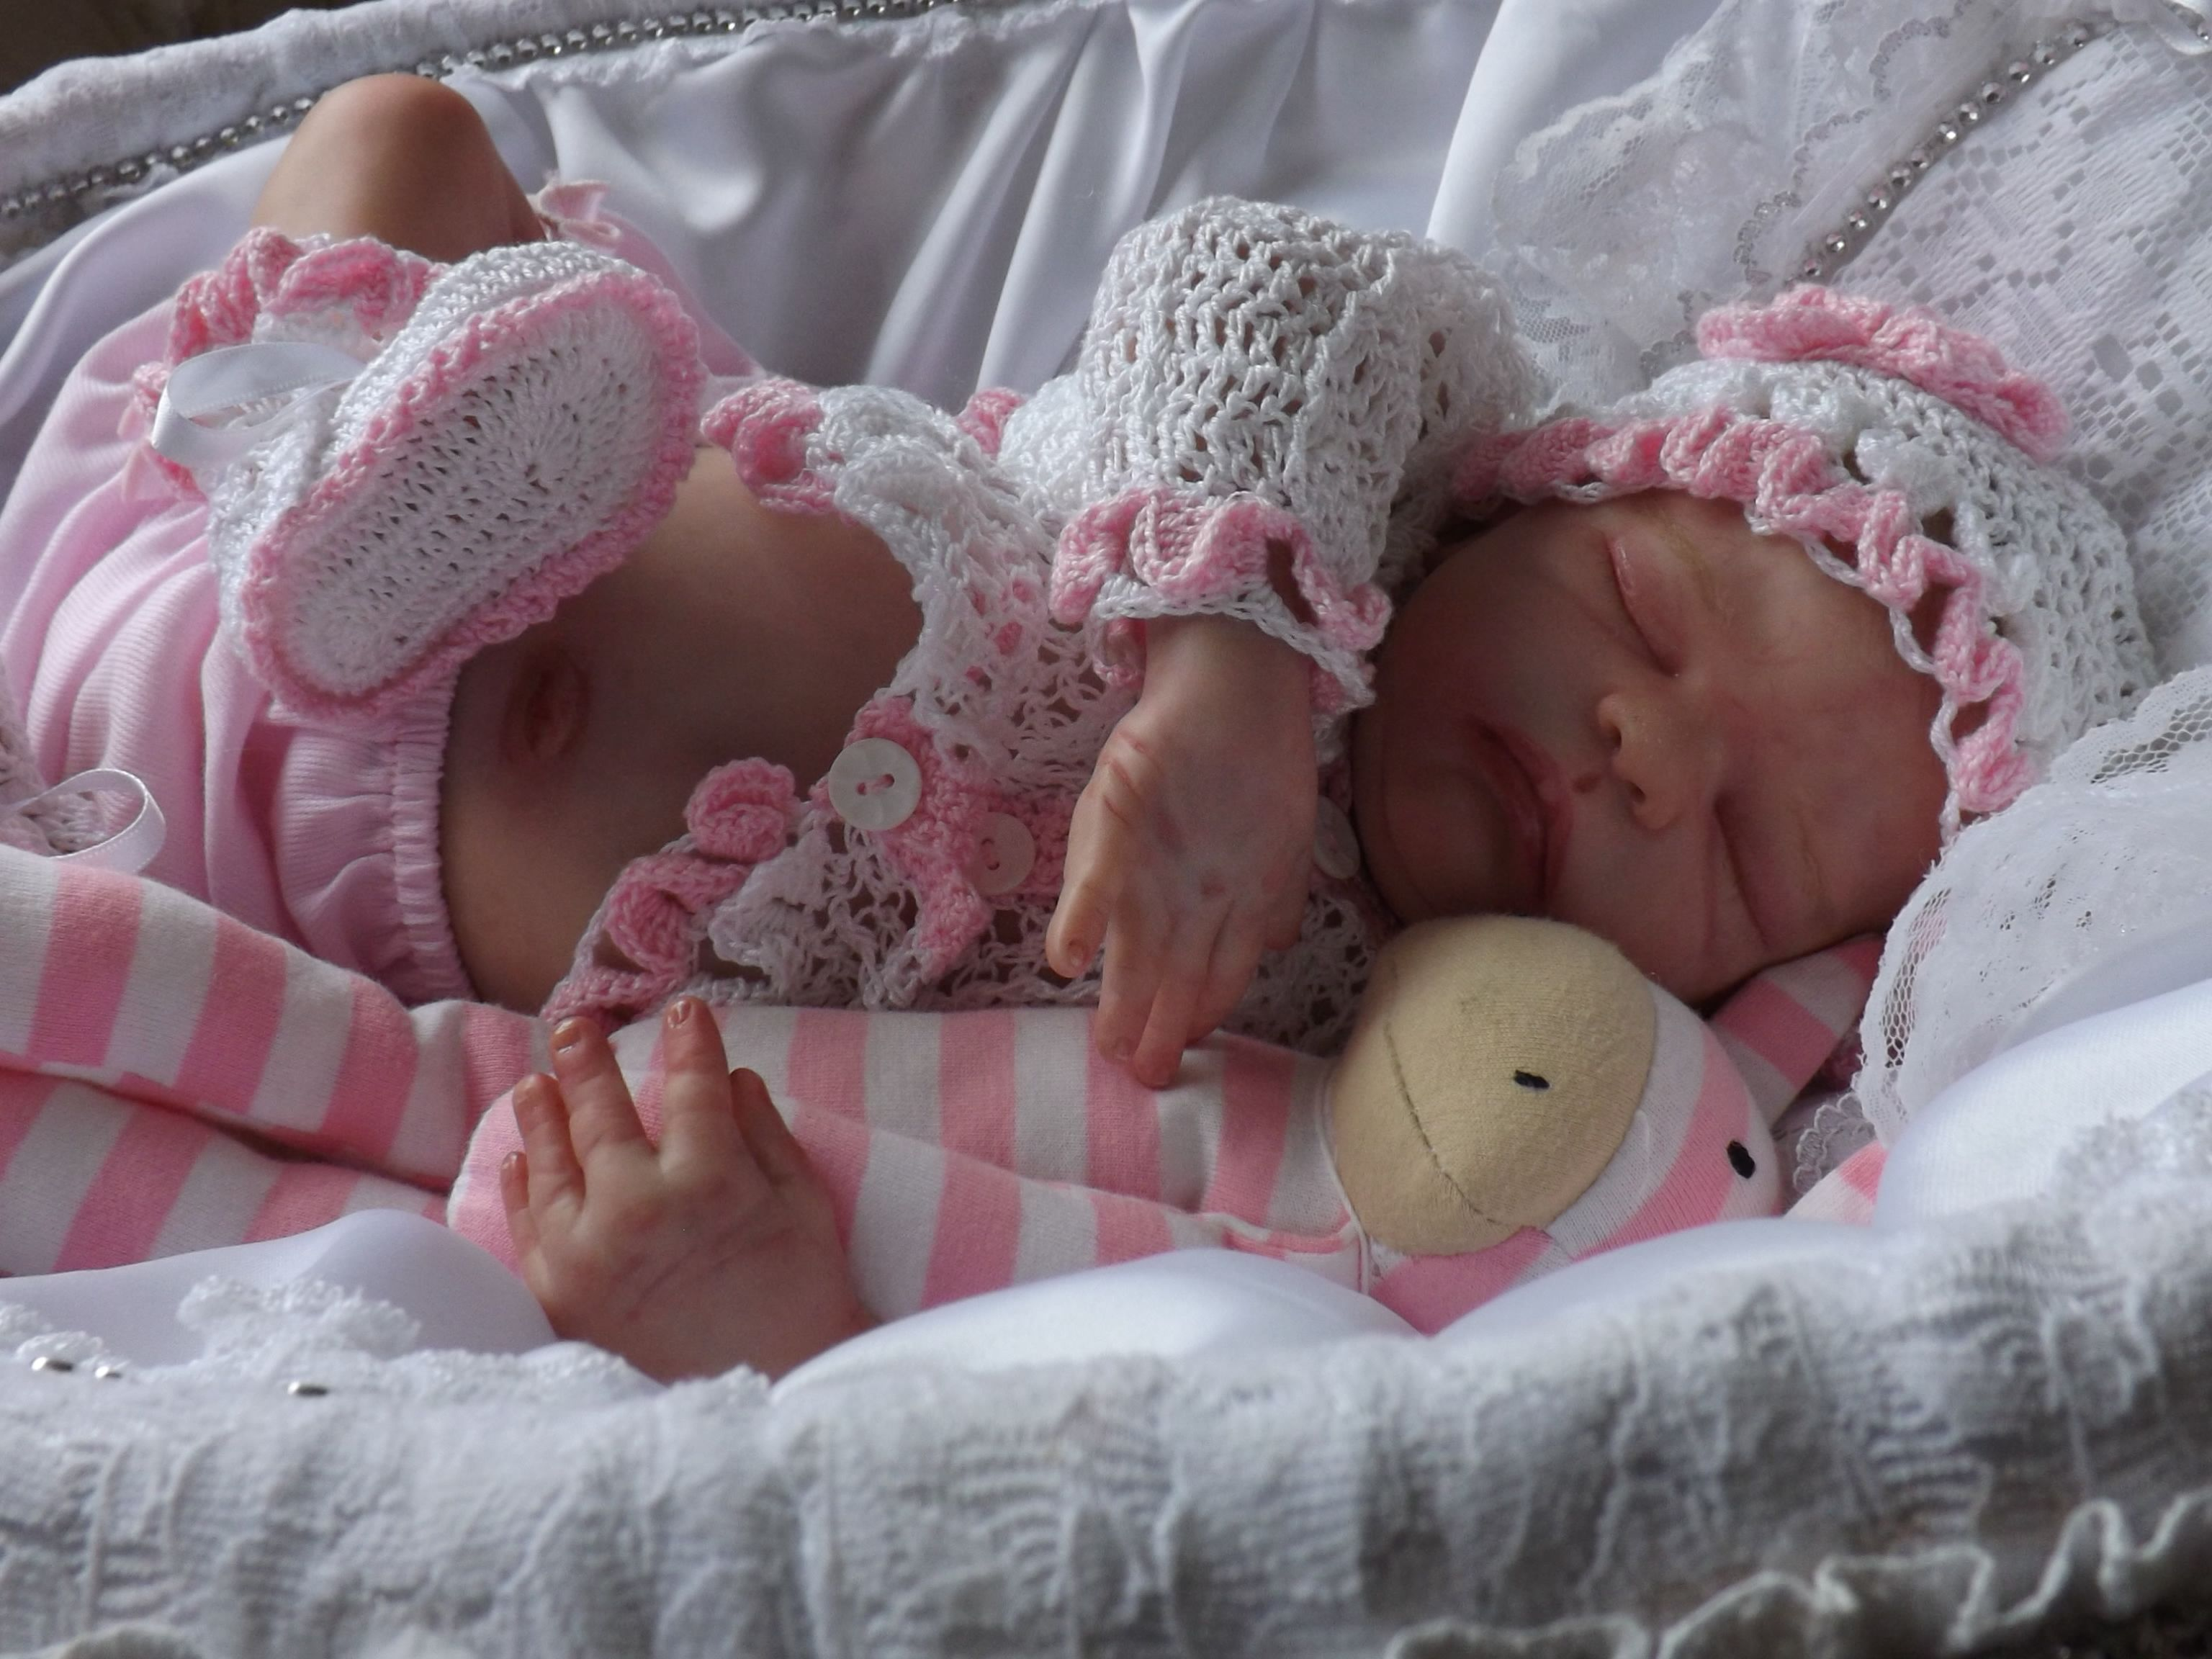 Junior Reborn By Judy Gray | Reborn baby dolls, Grey baby ...